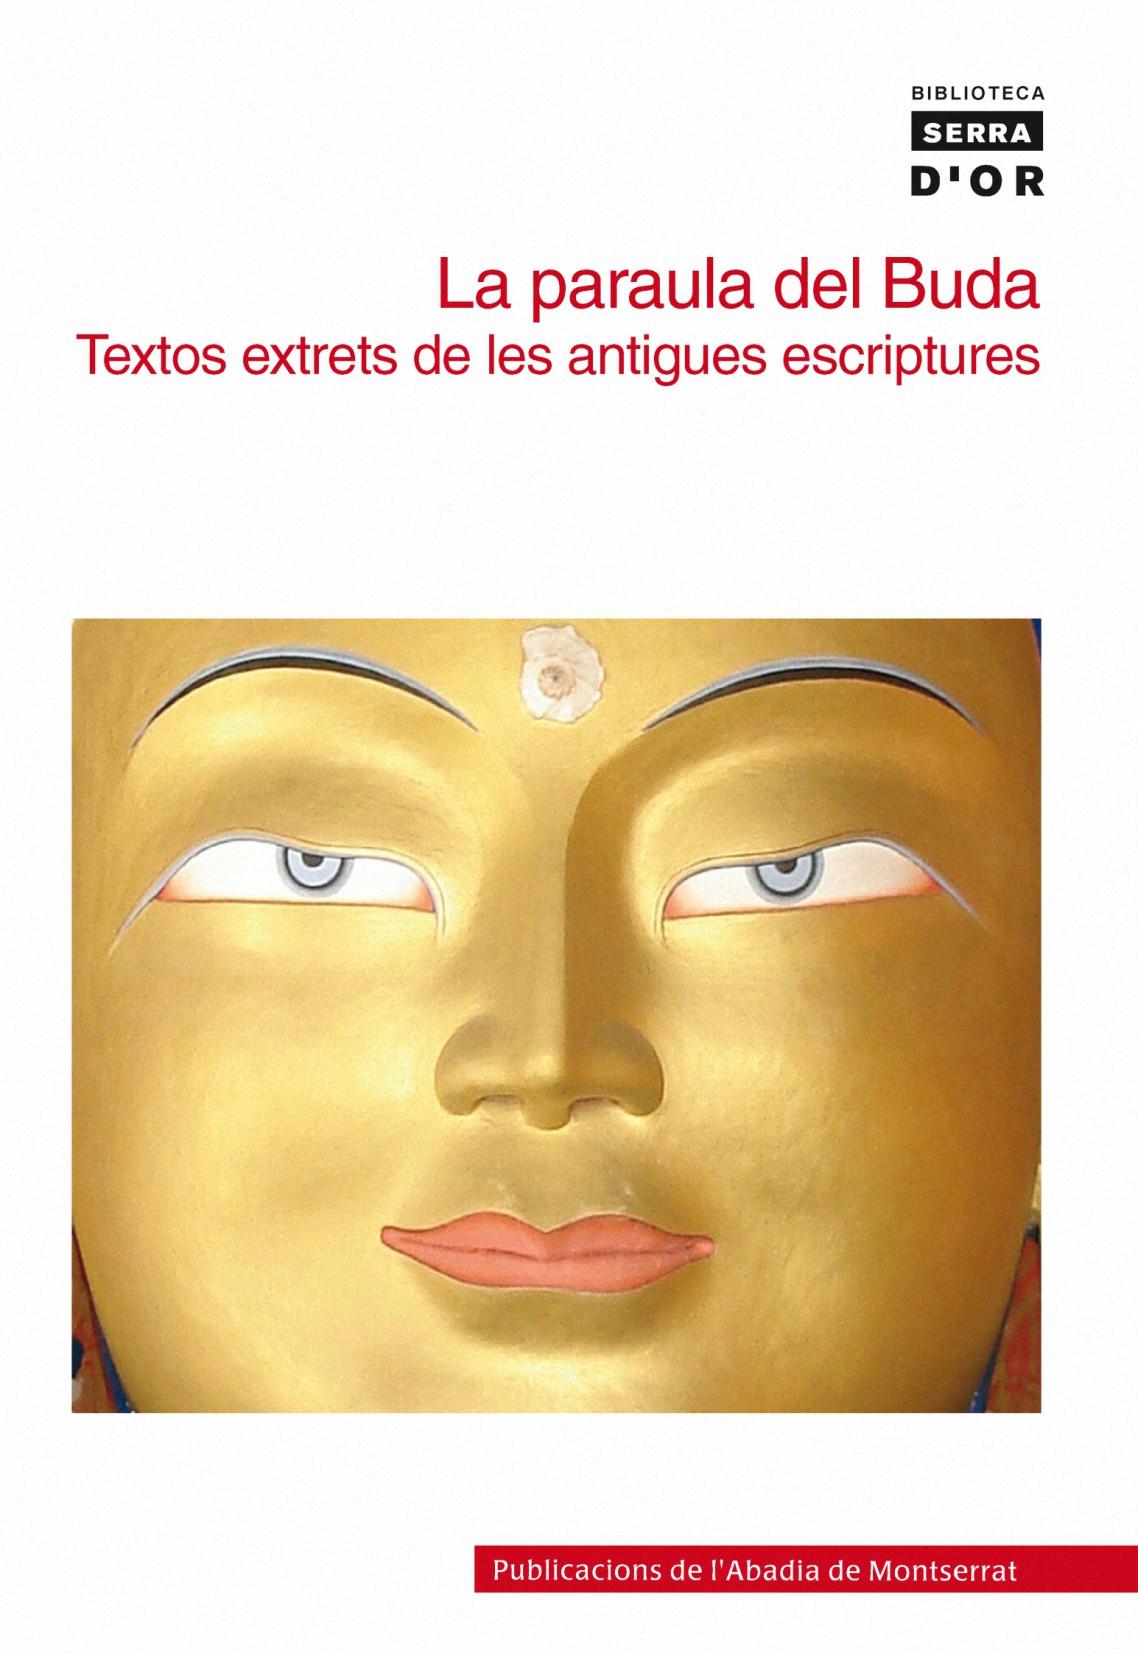 LA PARAULA DEL BUDA